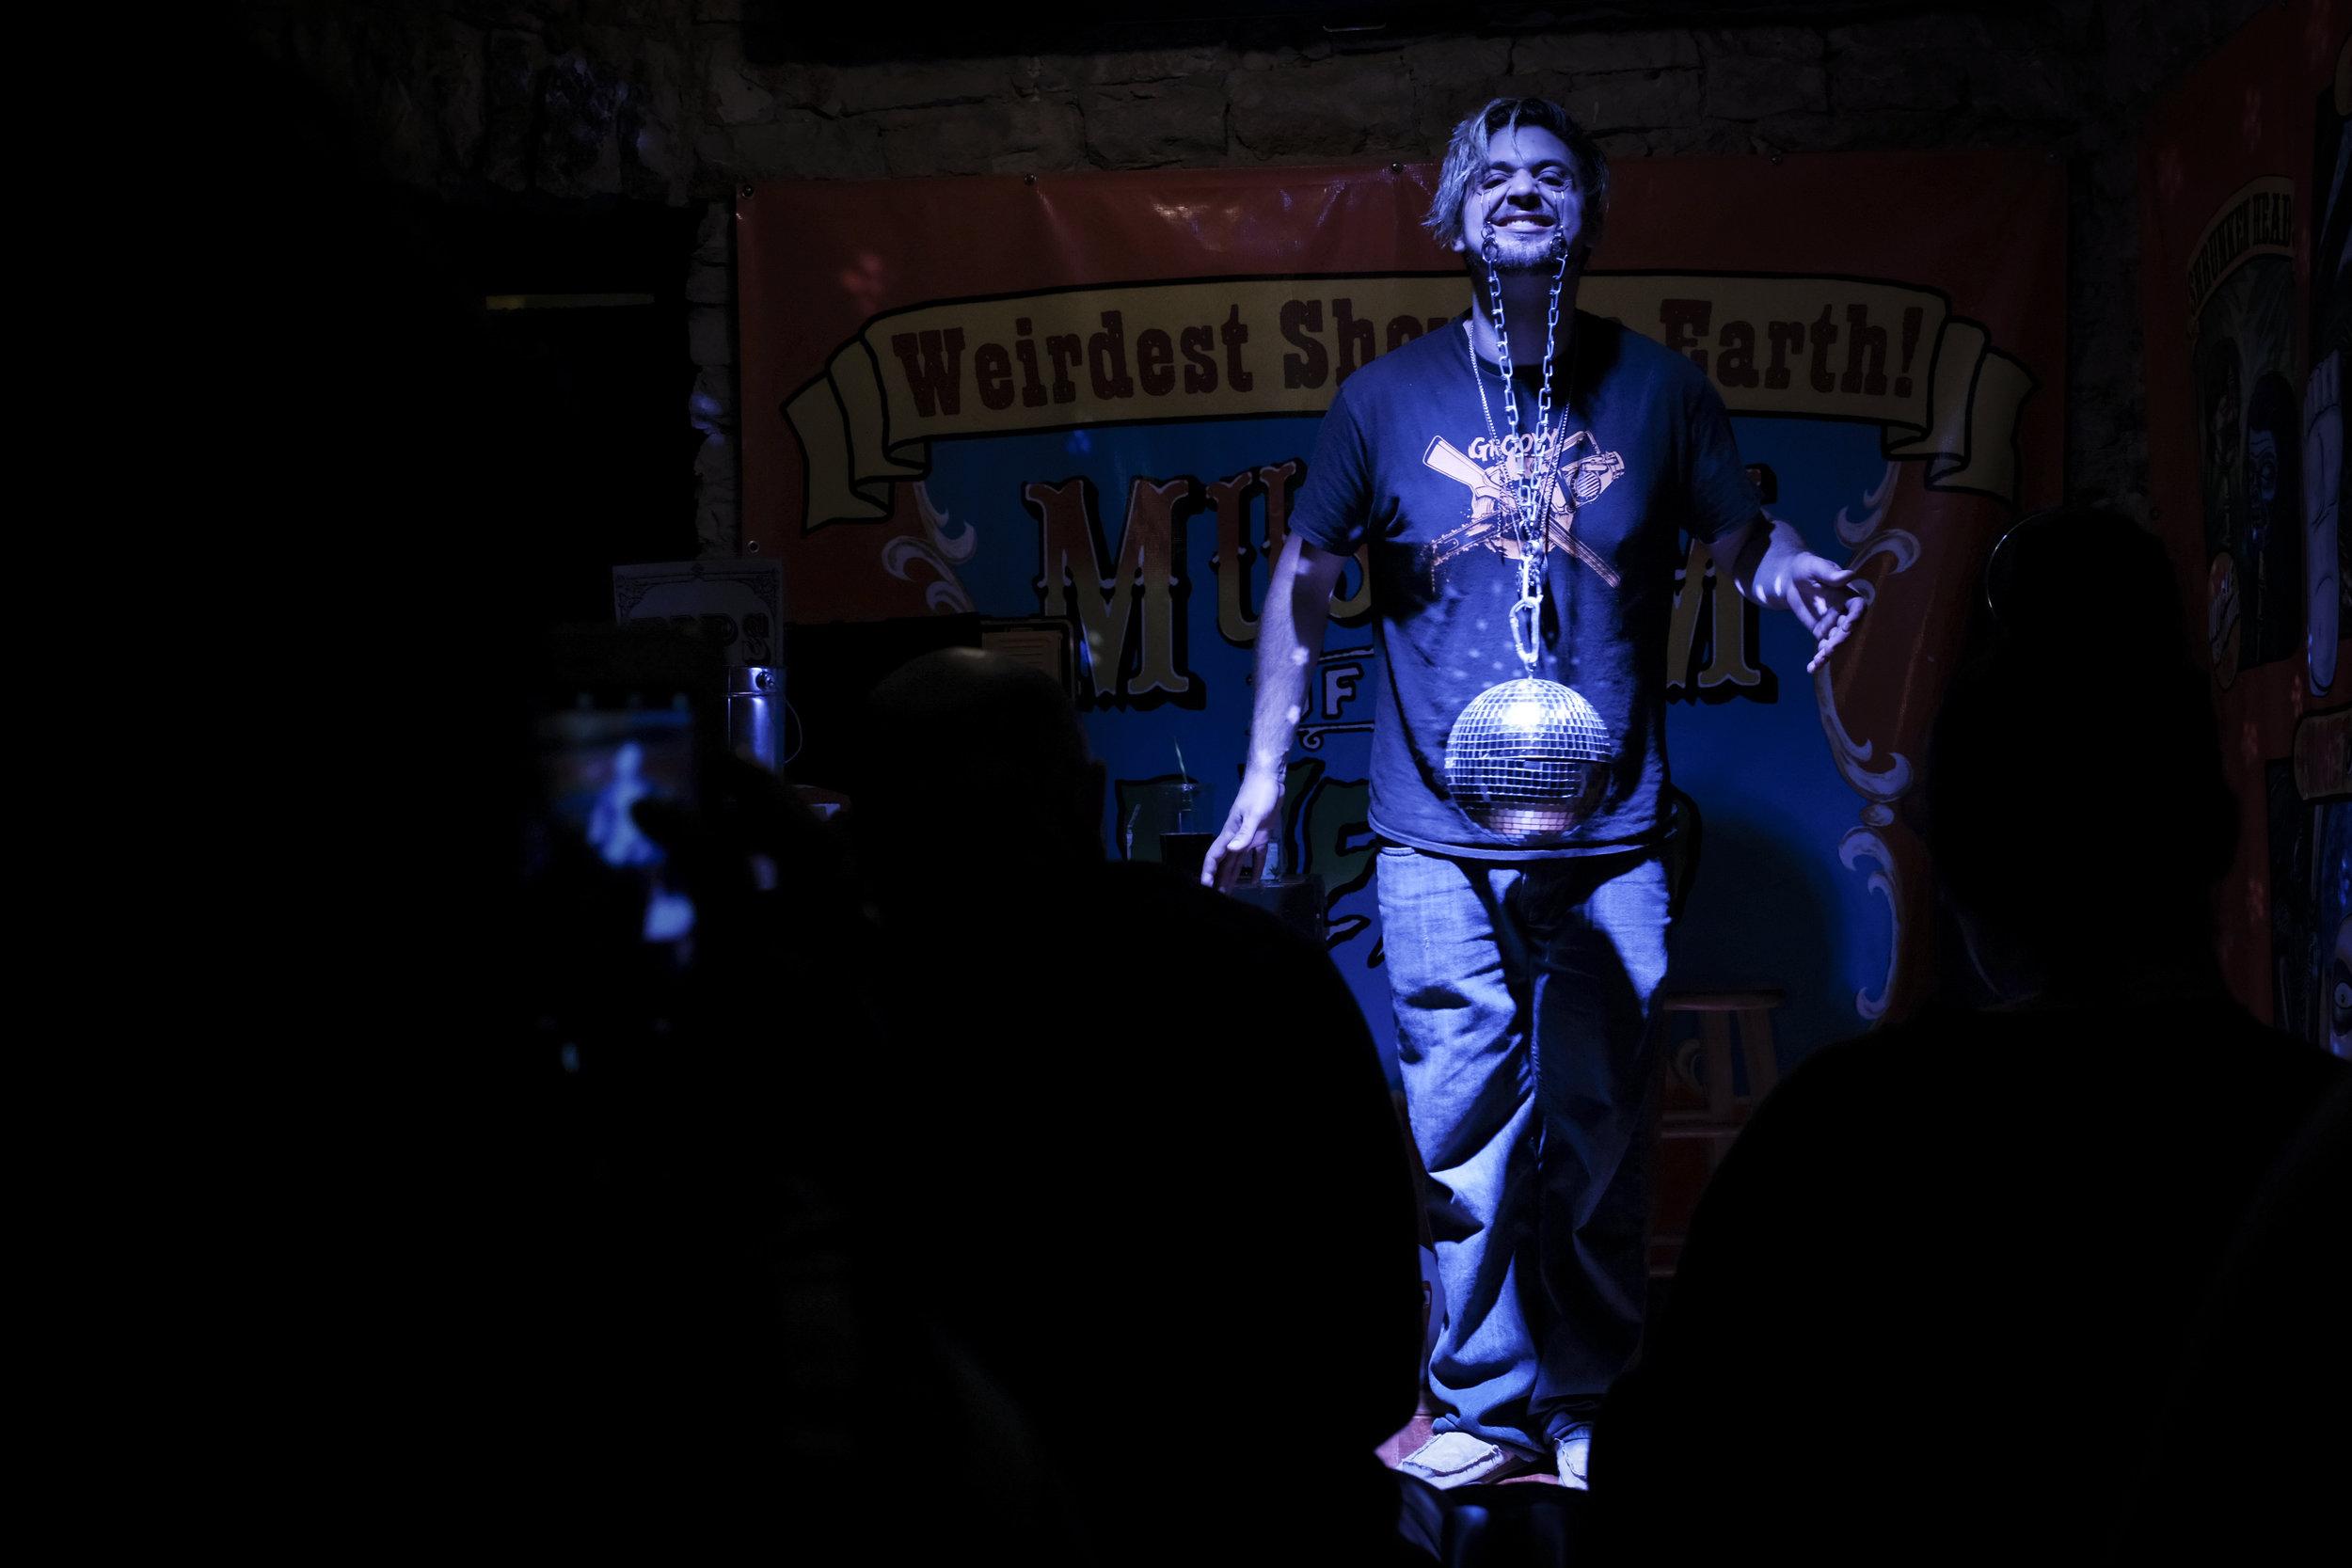 A disco ball hanging from eyelids. Keep Austin weird?